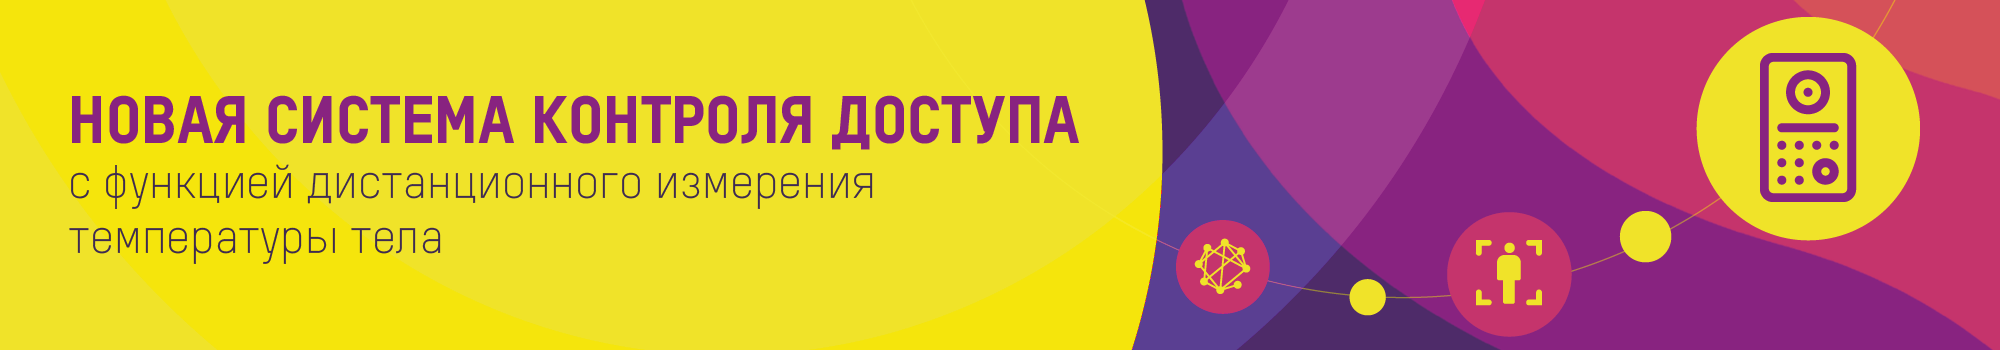 Компания Hikvision представила на российском рынке комплексное решение по контролю доступа на базе собственной интеллектуальной технологии измерения температуры человека.